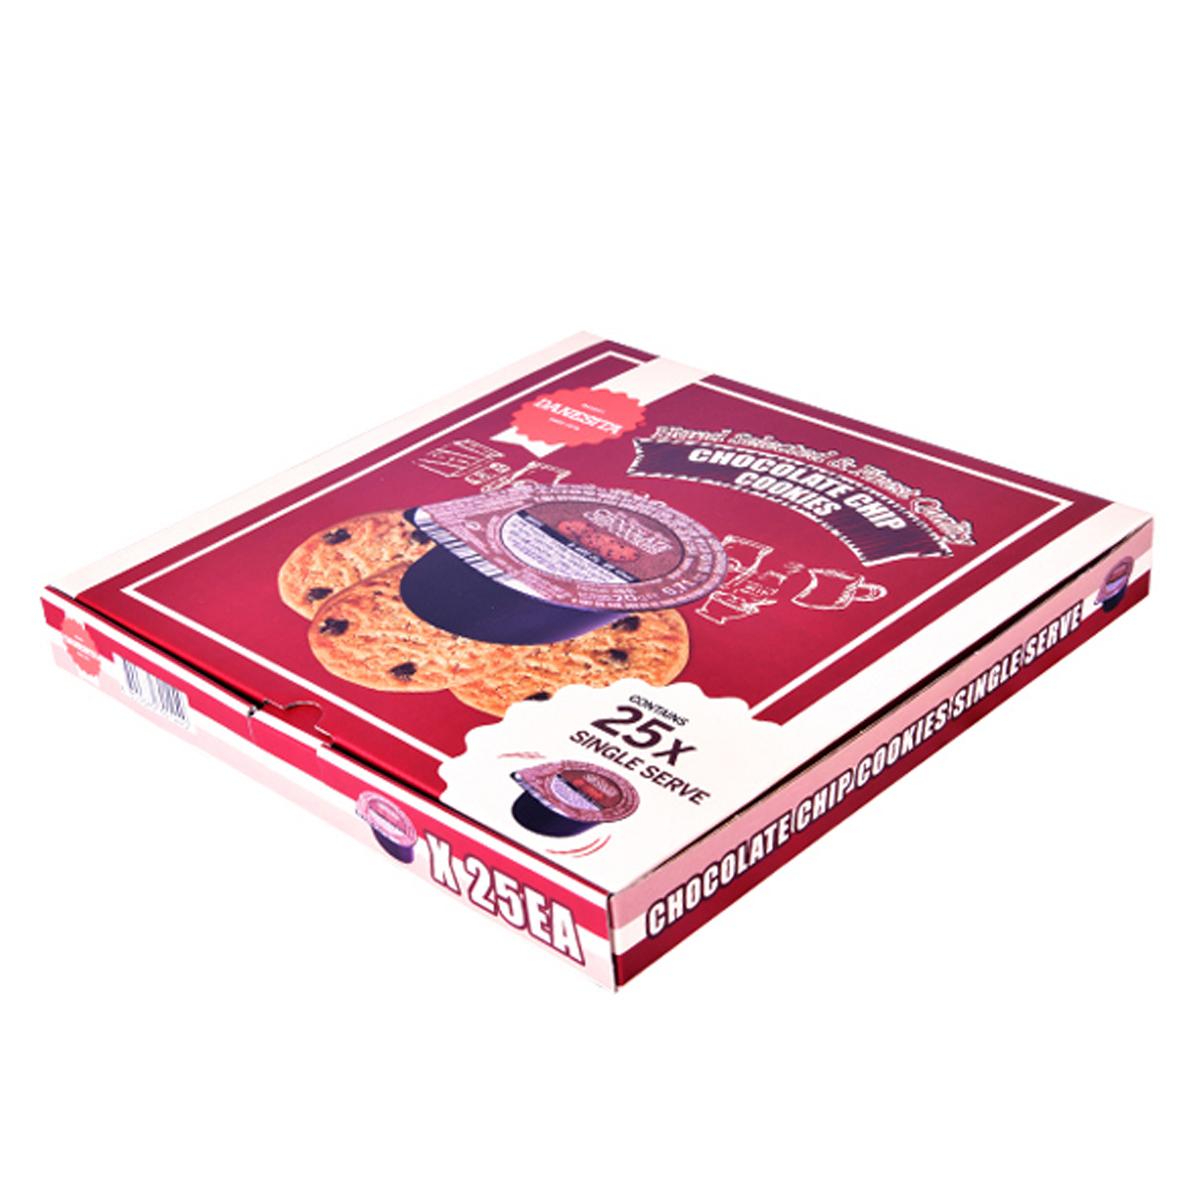 댄케이크 초콜릿칩 쿠키 싱글서브, 20g, 25개